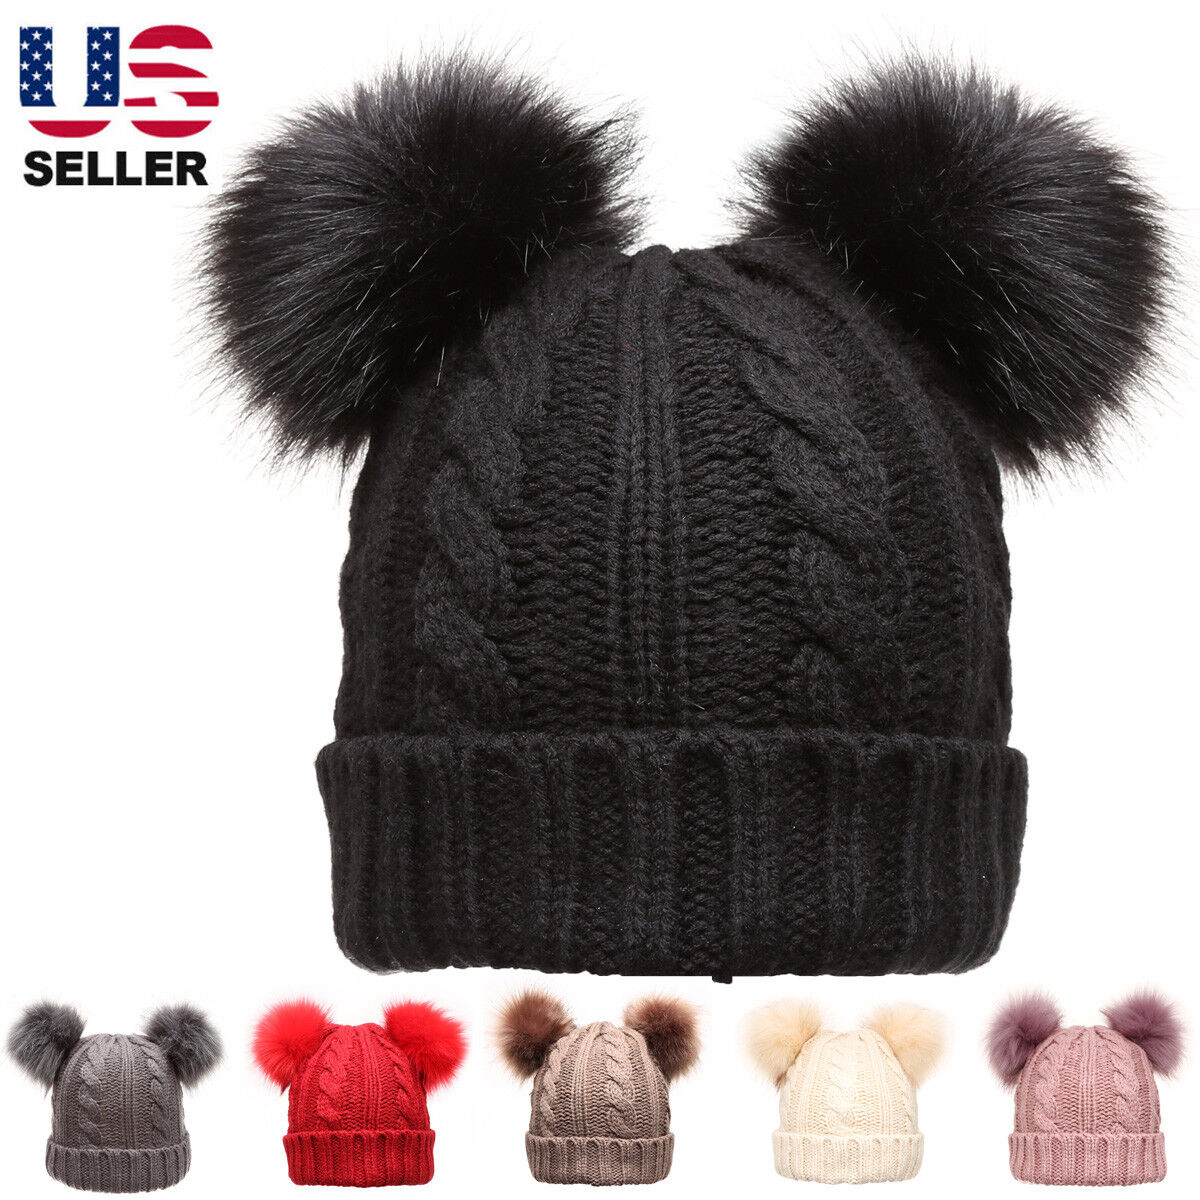 Black knit double fur pom poms beanie